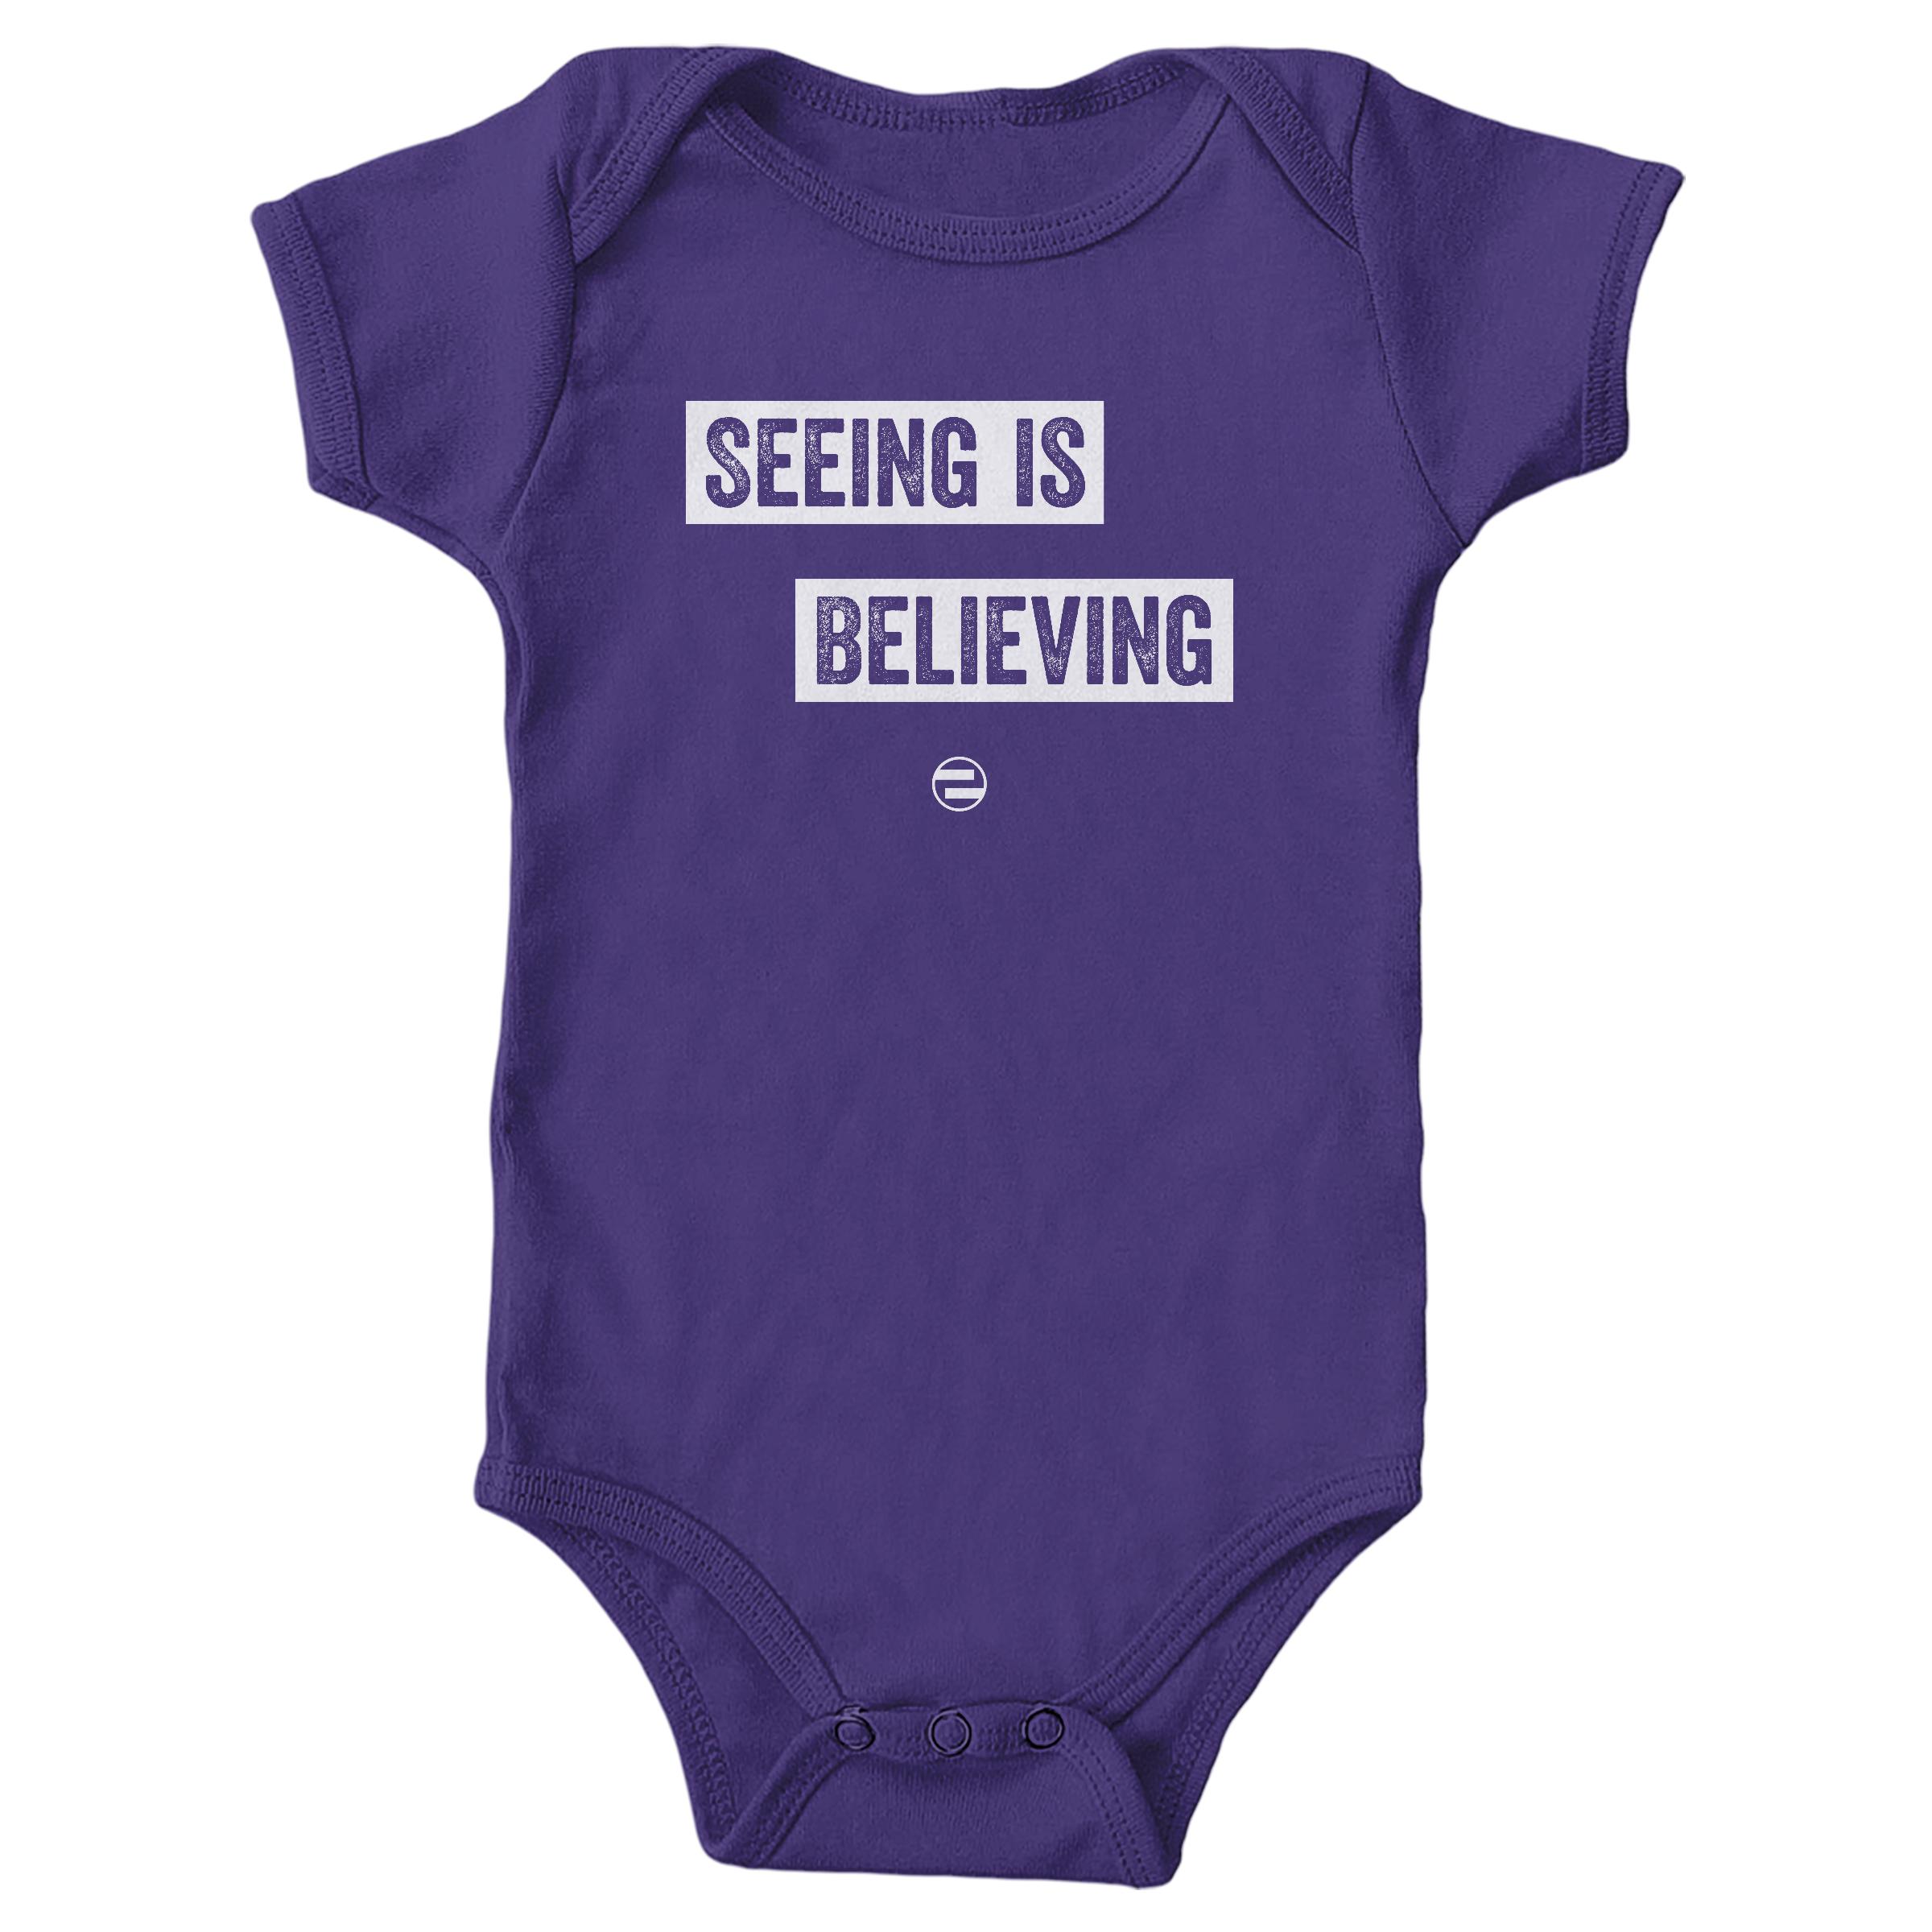 """GenEquality """"Seeing Is Believing"""" Kids Tee & Onesie Purple (Onesie)"""